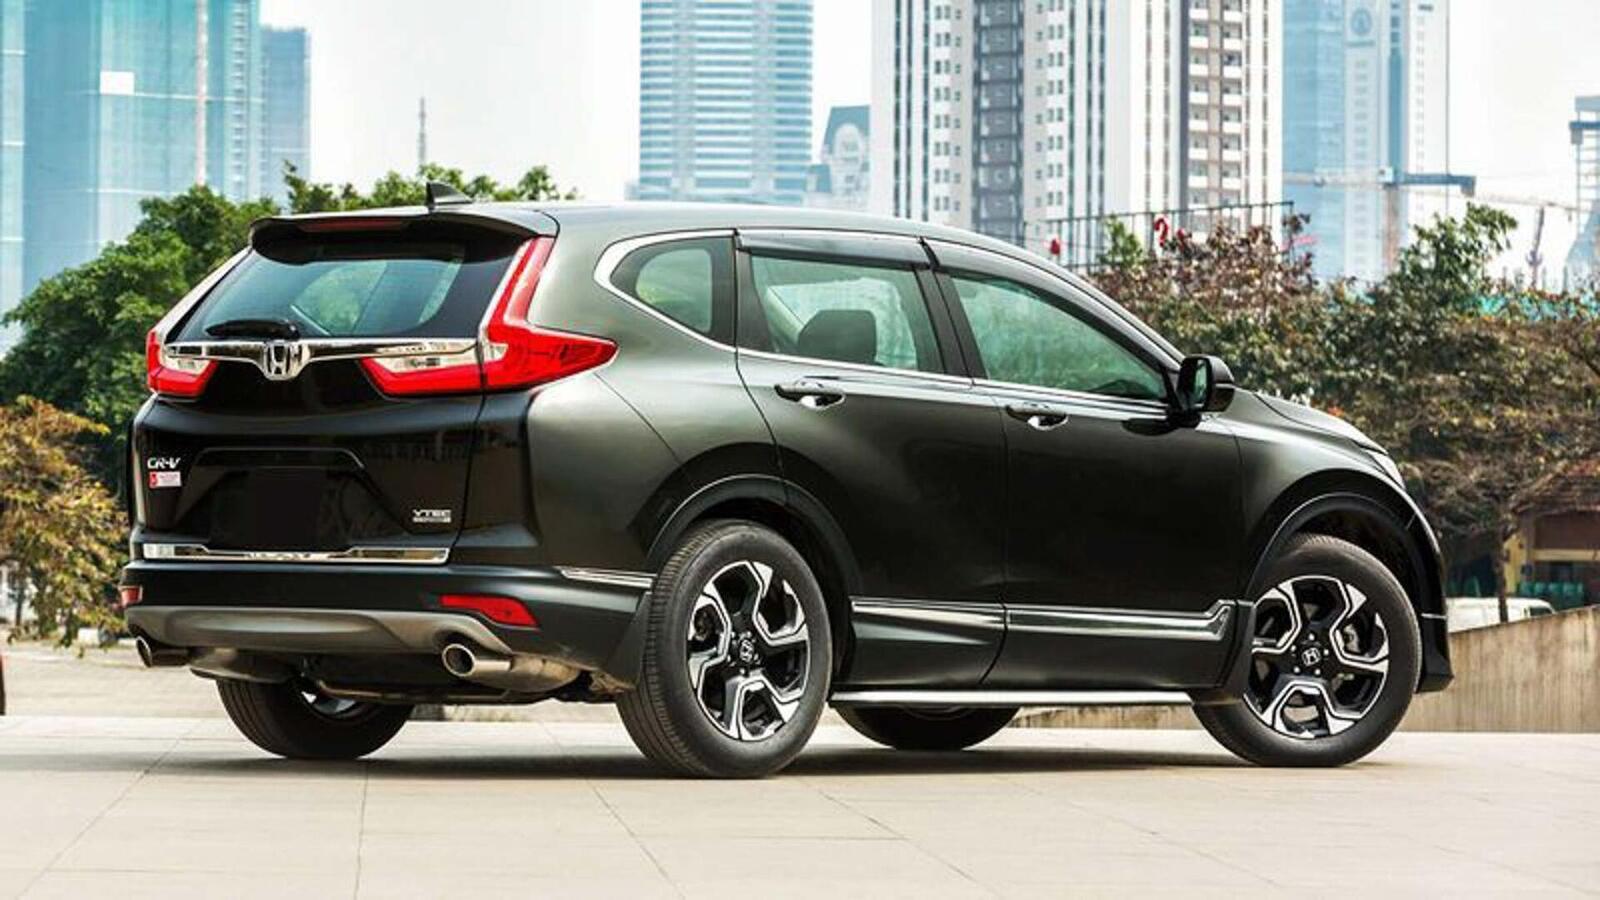 So sánh Hyundai Santa Fe 2019 với các đối thủ trong phân khúc SUV - Hình 13